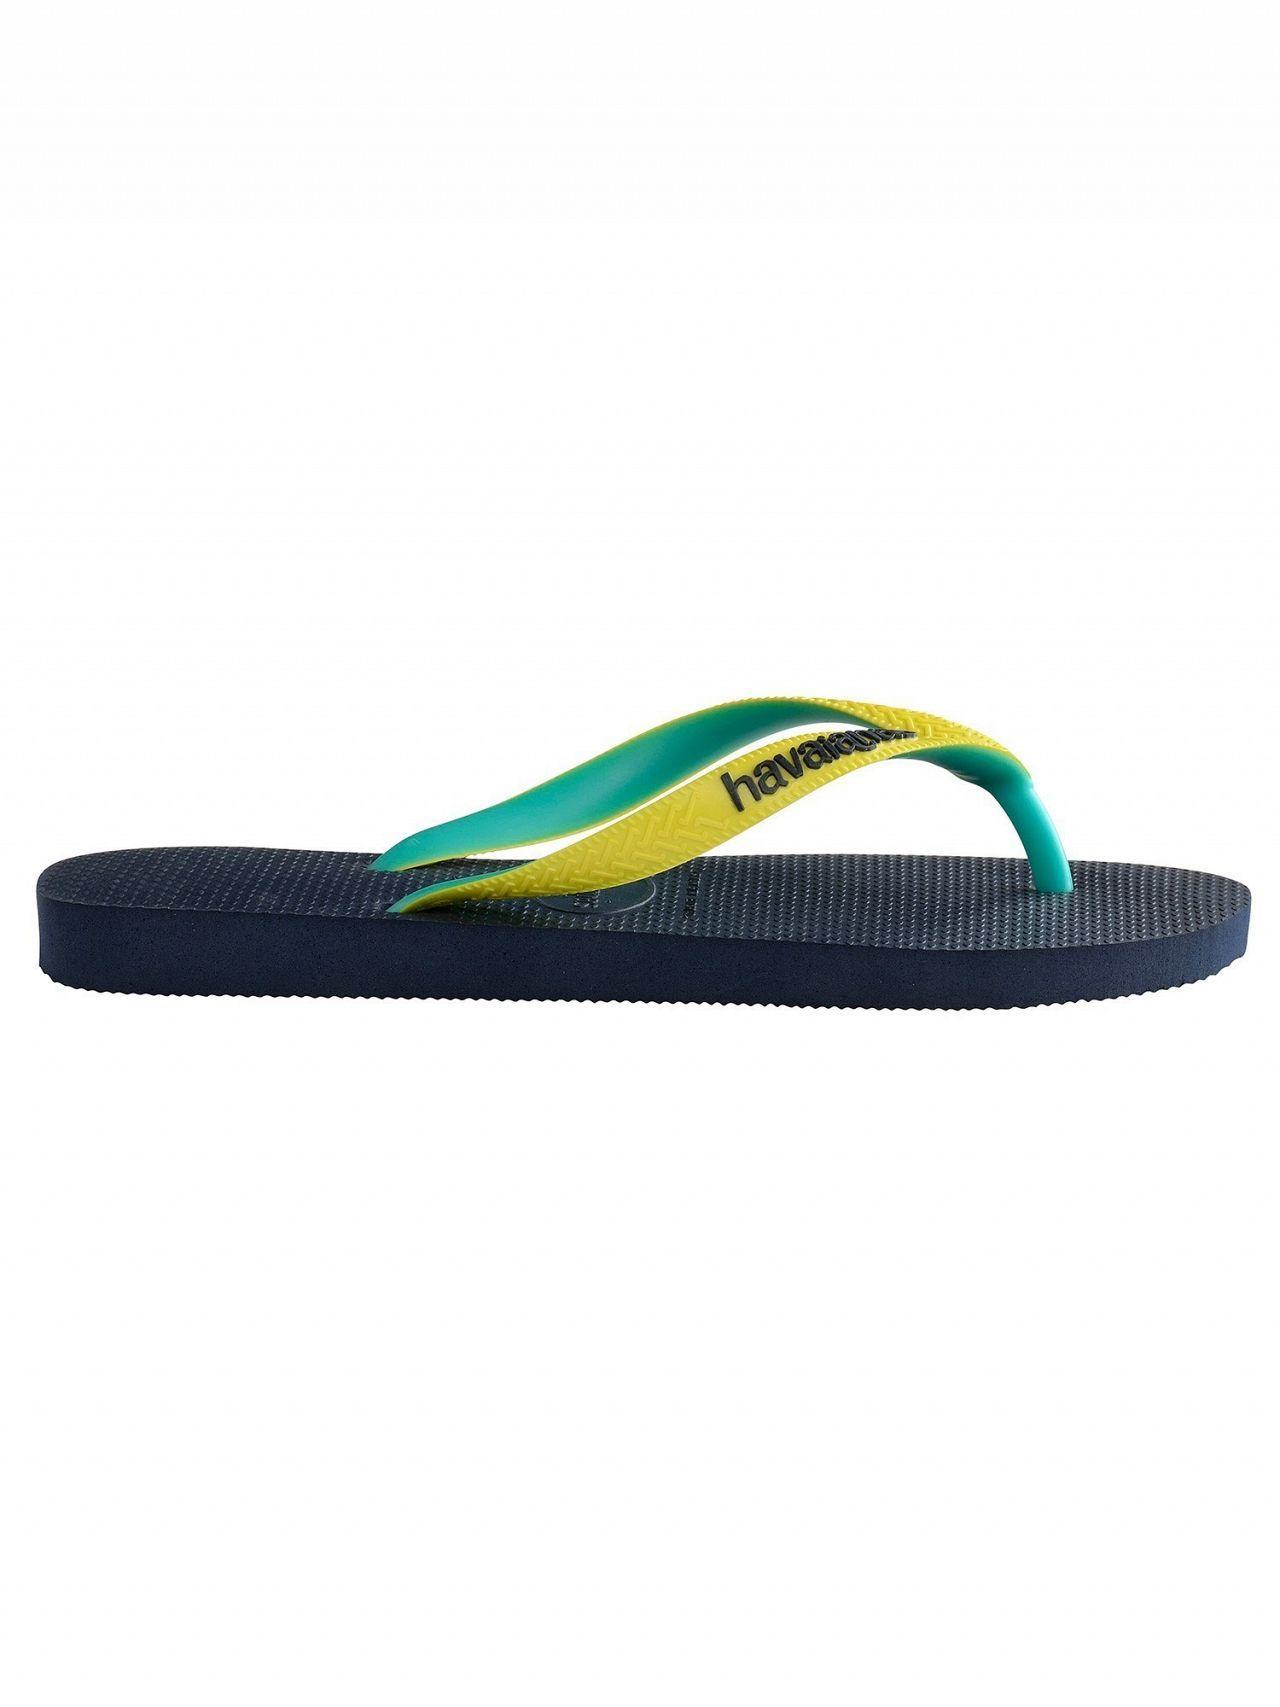 2604509dabd2 Havaianas Top Mix Flip Flops Navy Neon Yellow in Blue for Men - Lyst